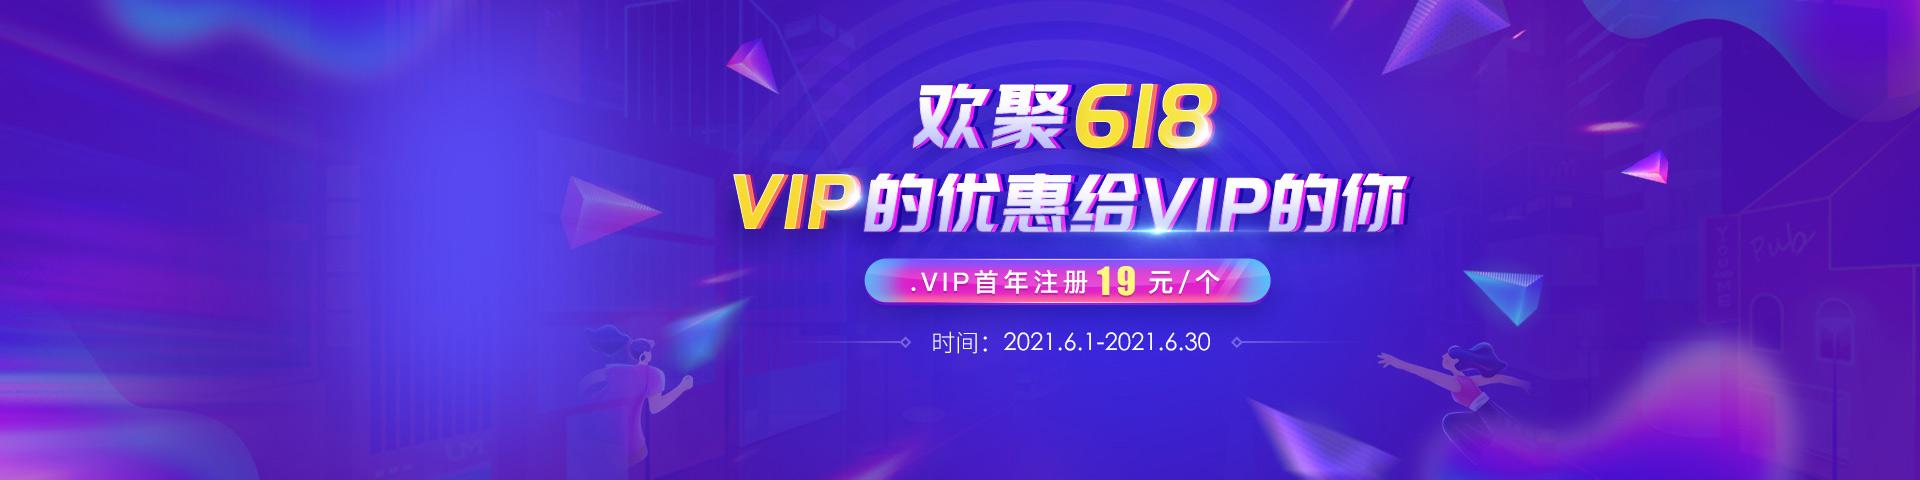 vip后缀19元注册优惠